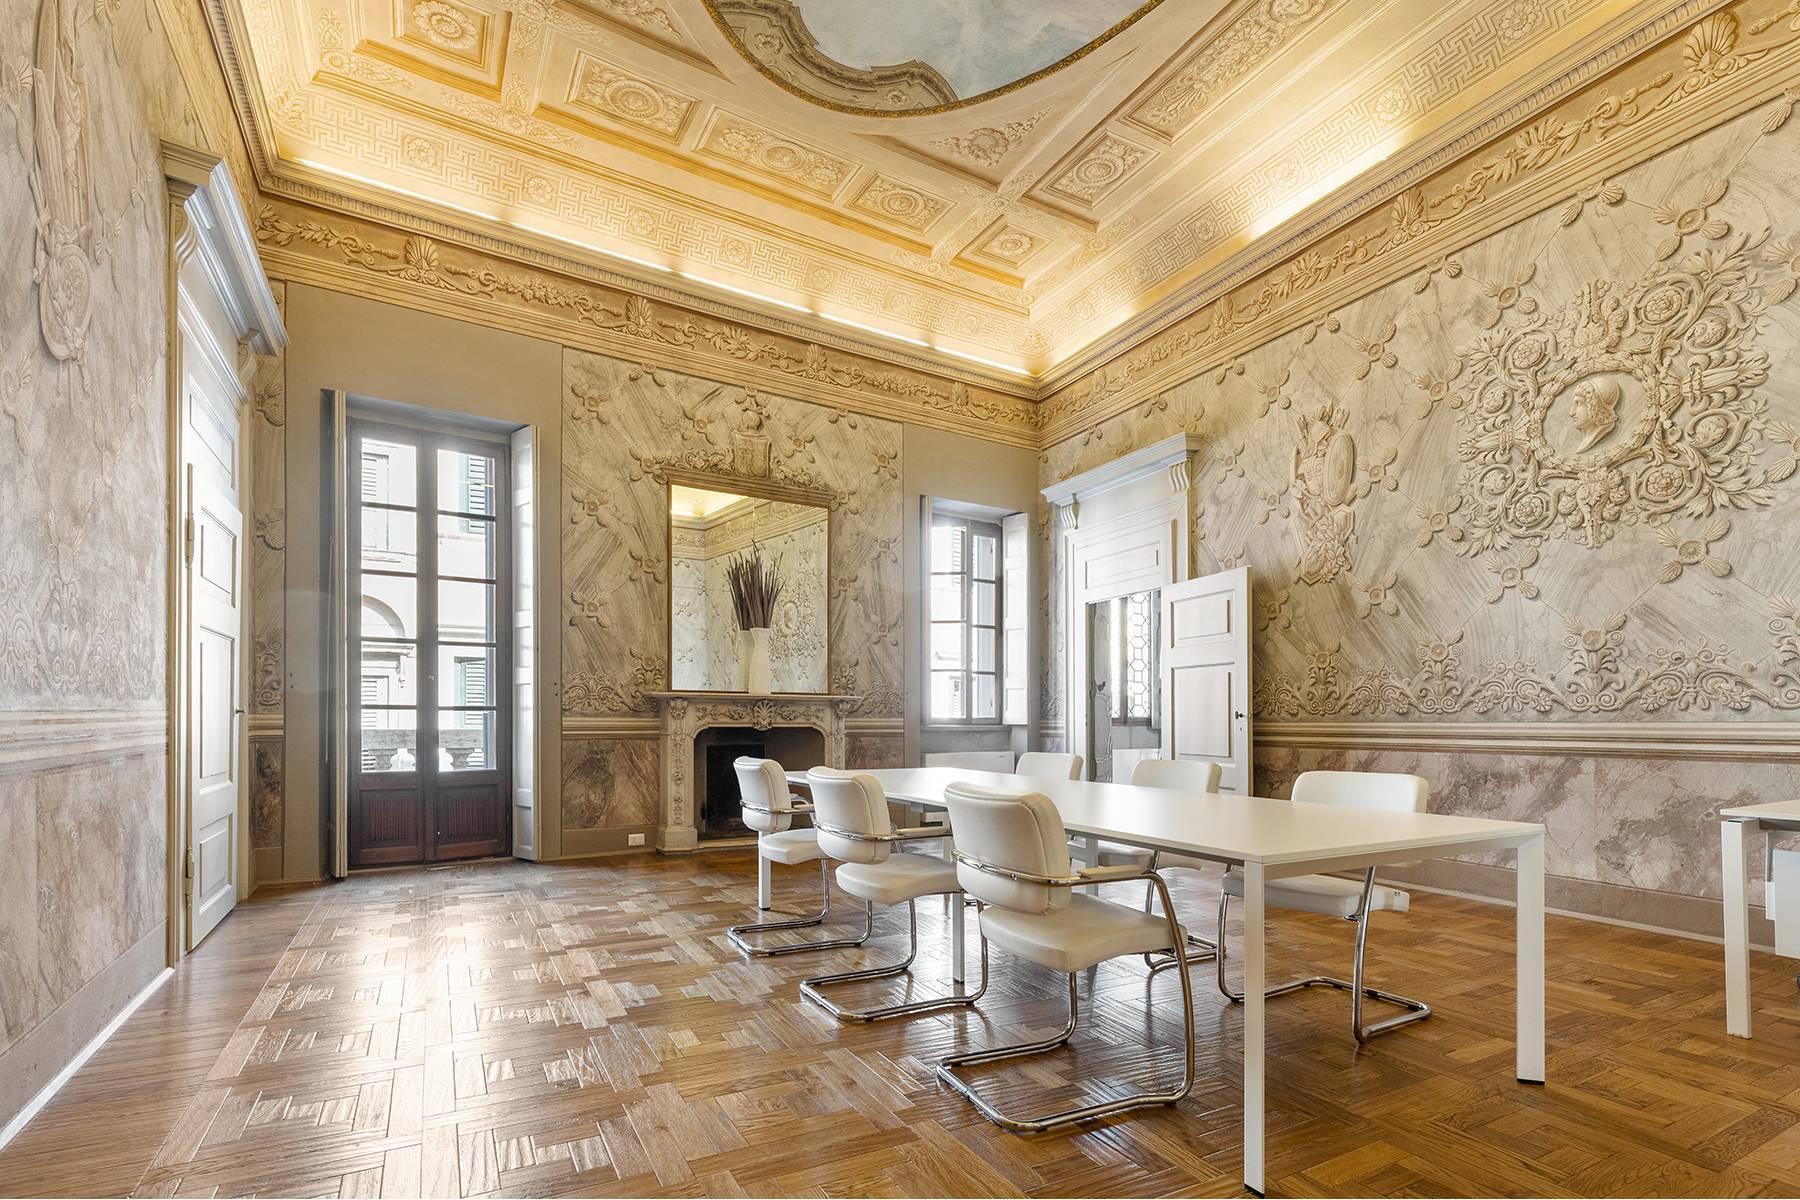 Appartamento in Vendita a Verona: 5 locali, 615 mq - Foto 4